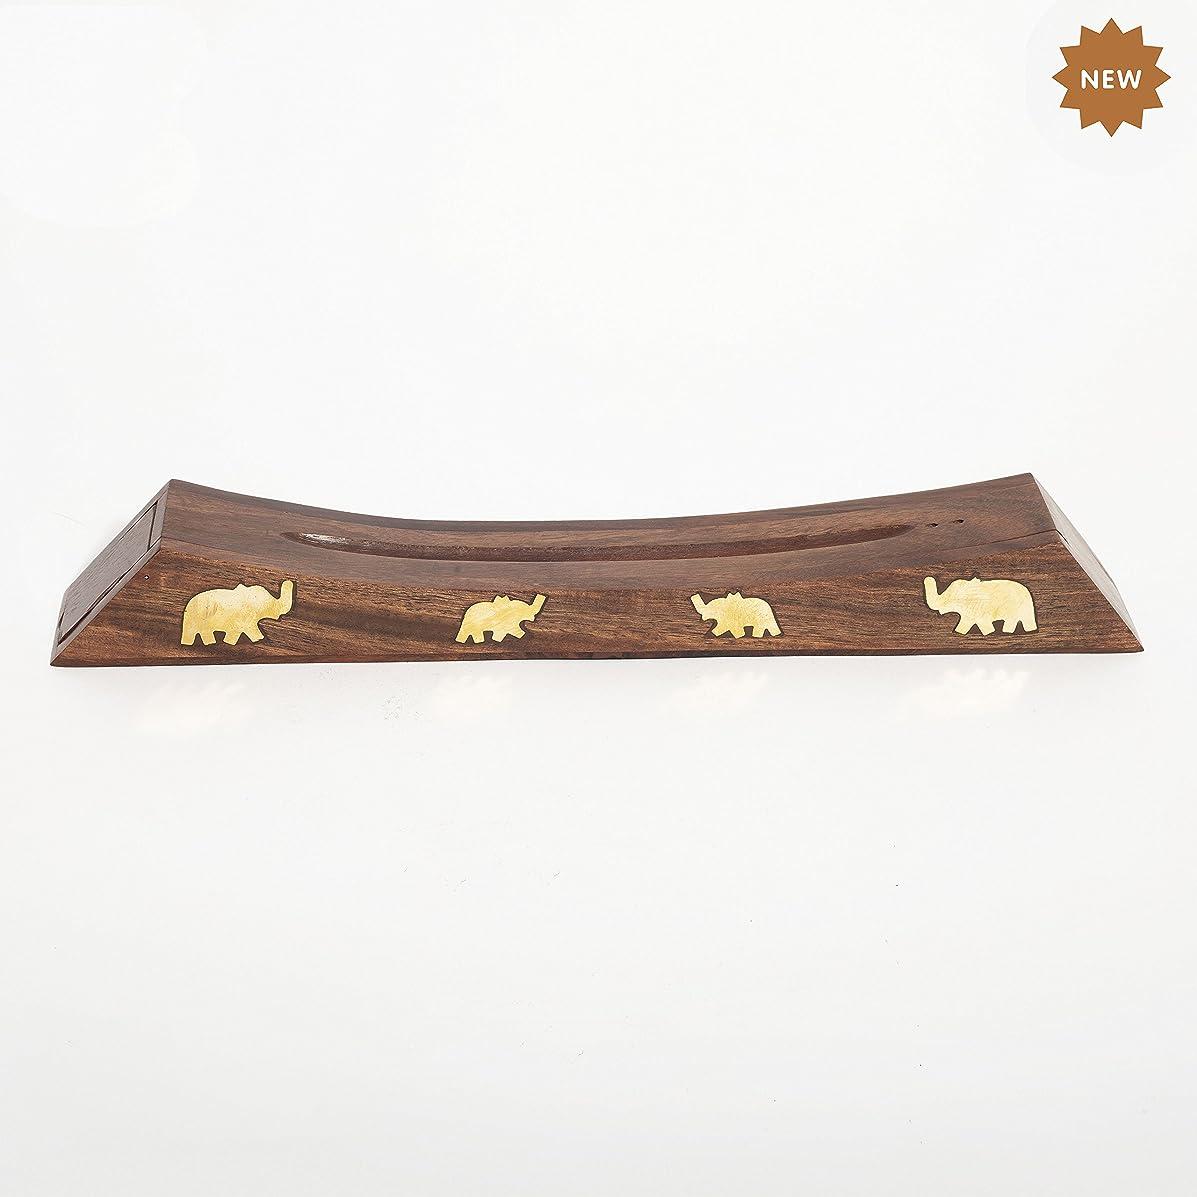 後方に上回る黙Rusticity 木製お香スタンド お香スティック 収納スロット付き 象の真鍮インレー ハンドメイド 12.4x1.6インチ